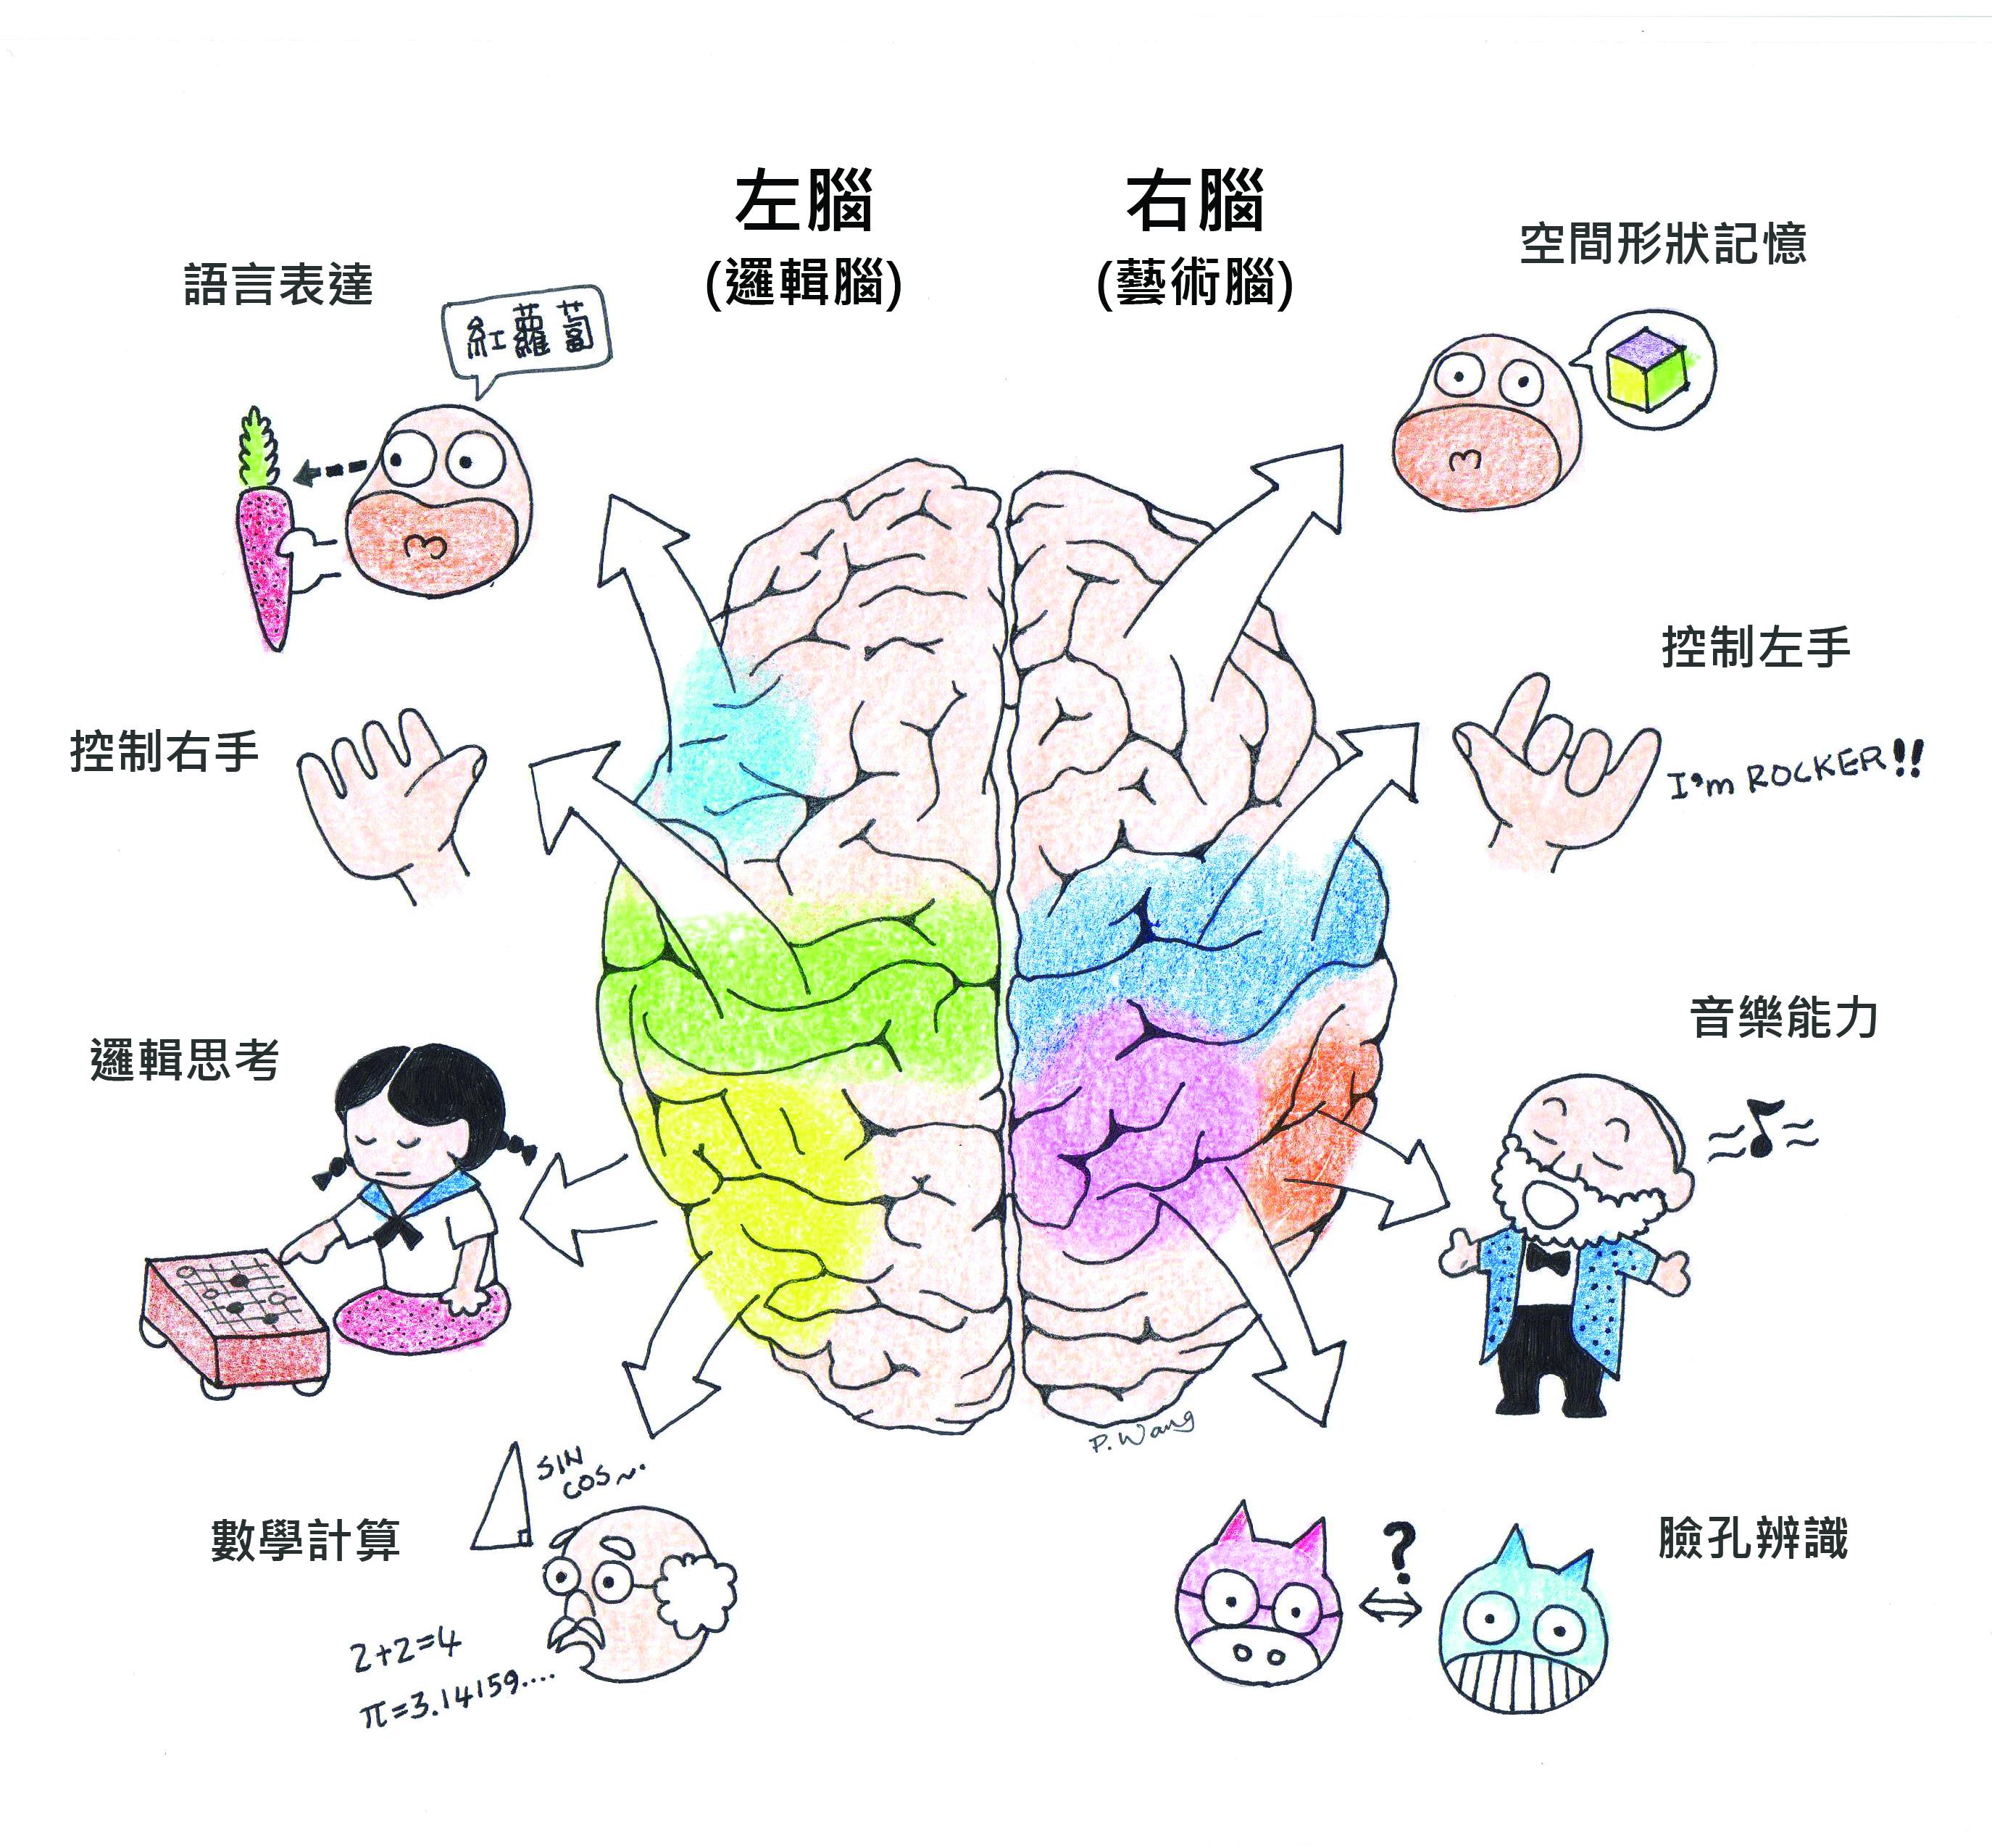 又擠又易怒又愛撒謊的腦─有趣的左腦